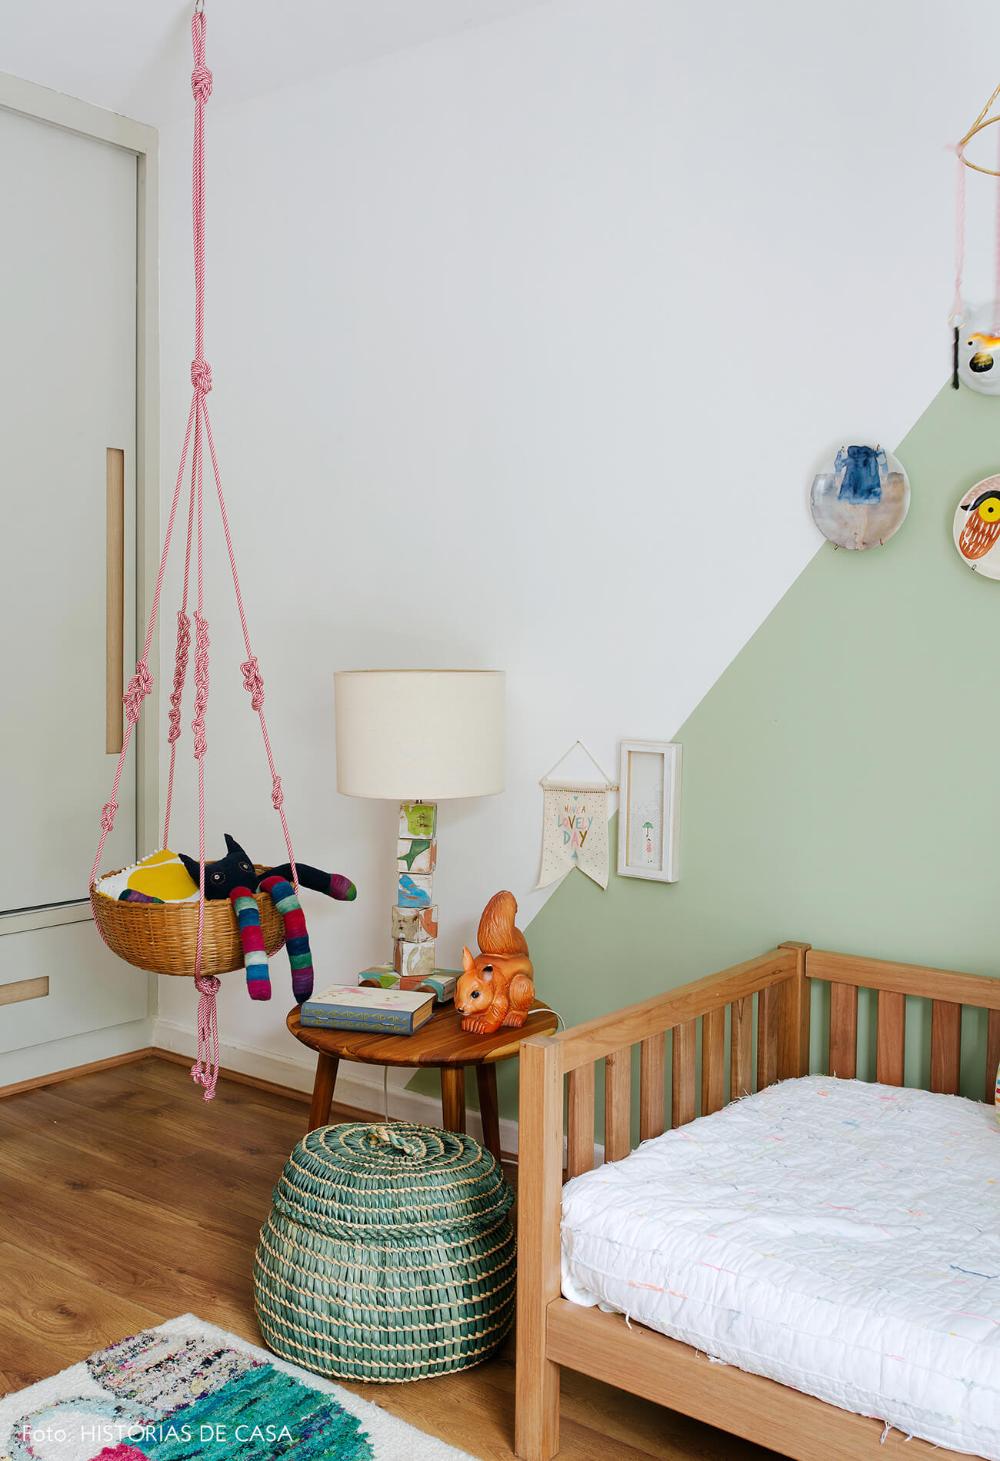 Photo of Casa com criança & design infantil